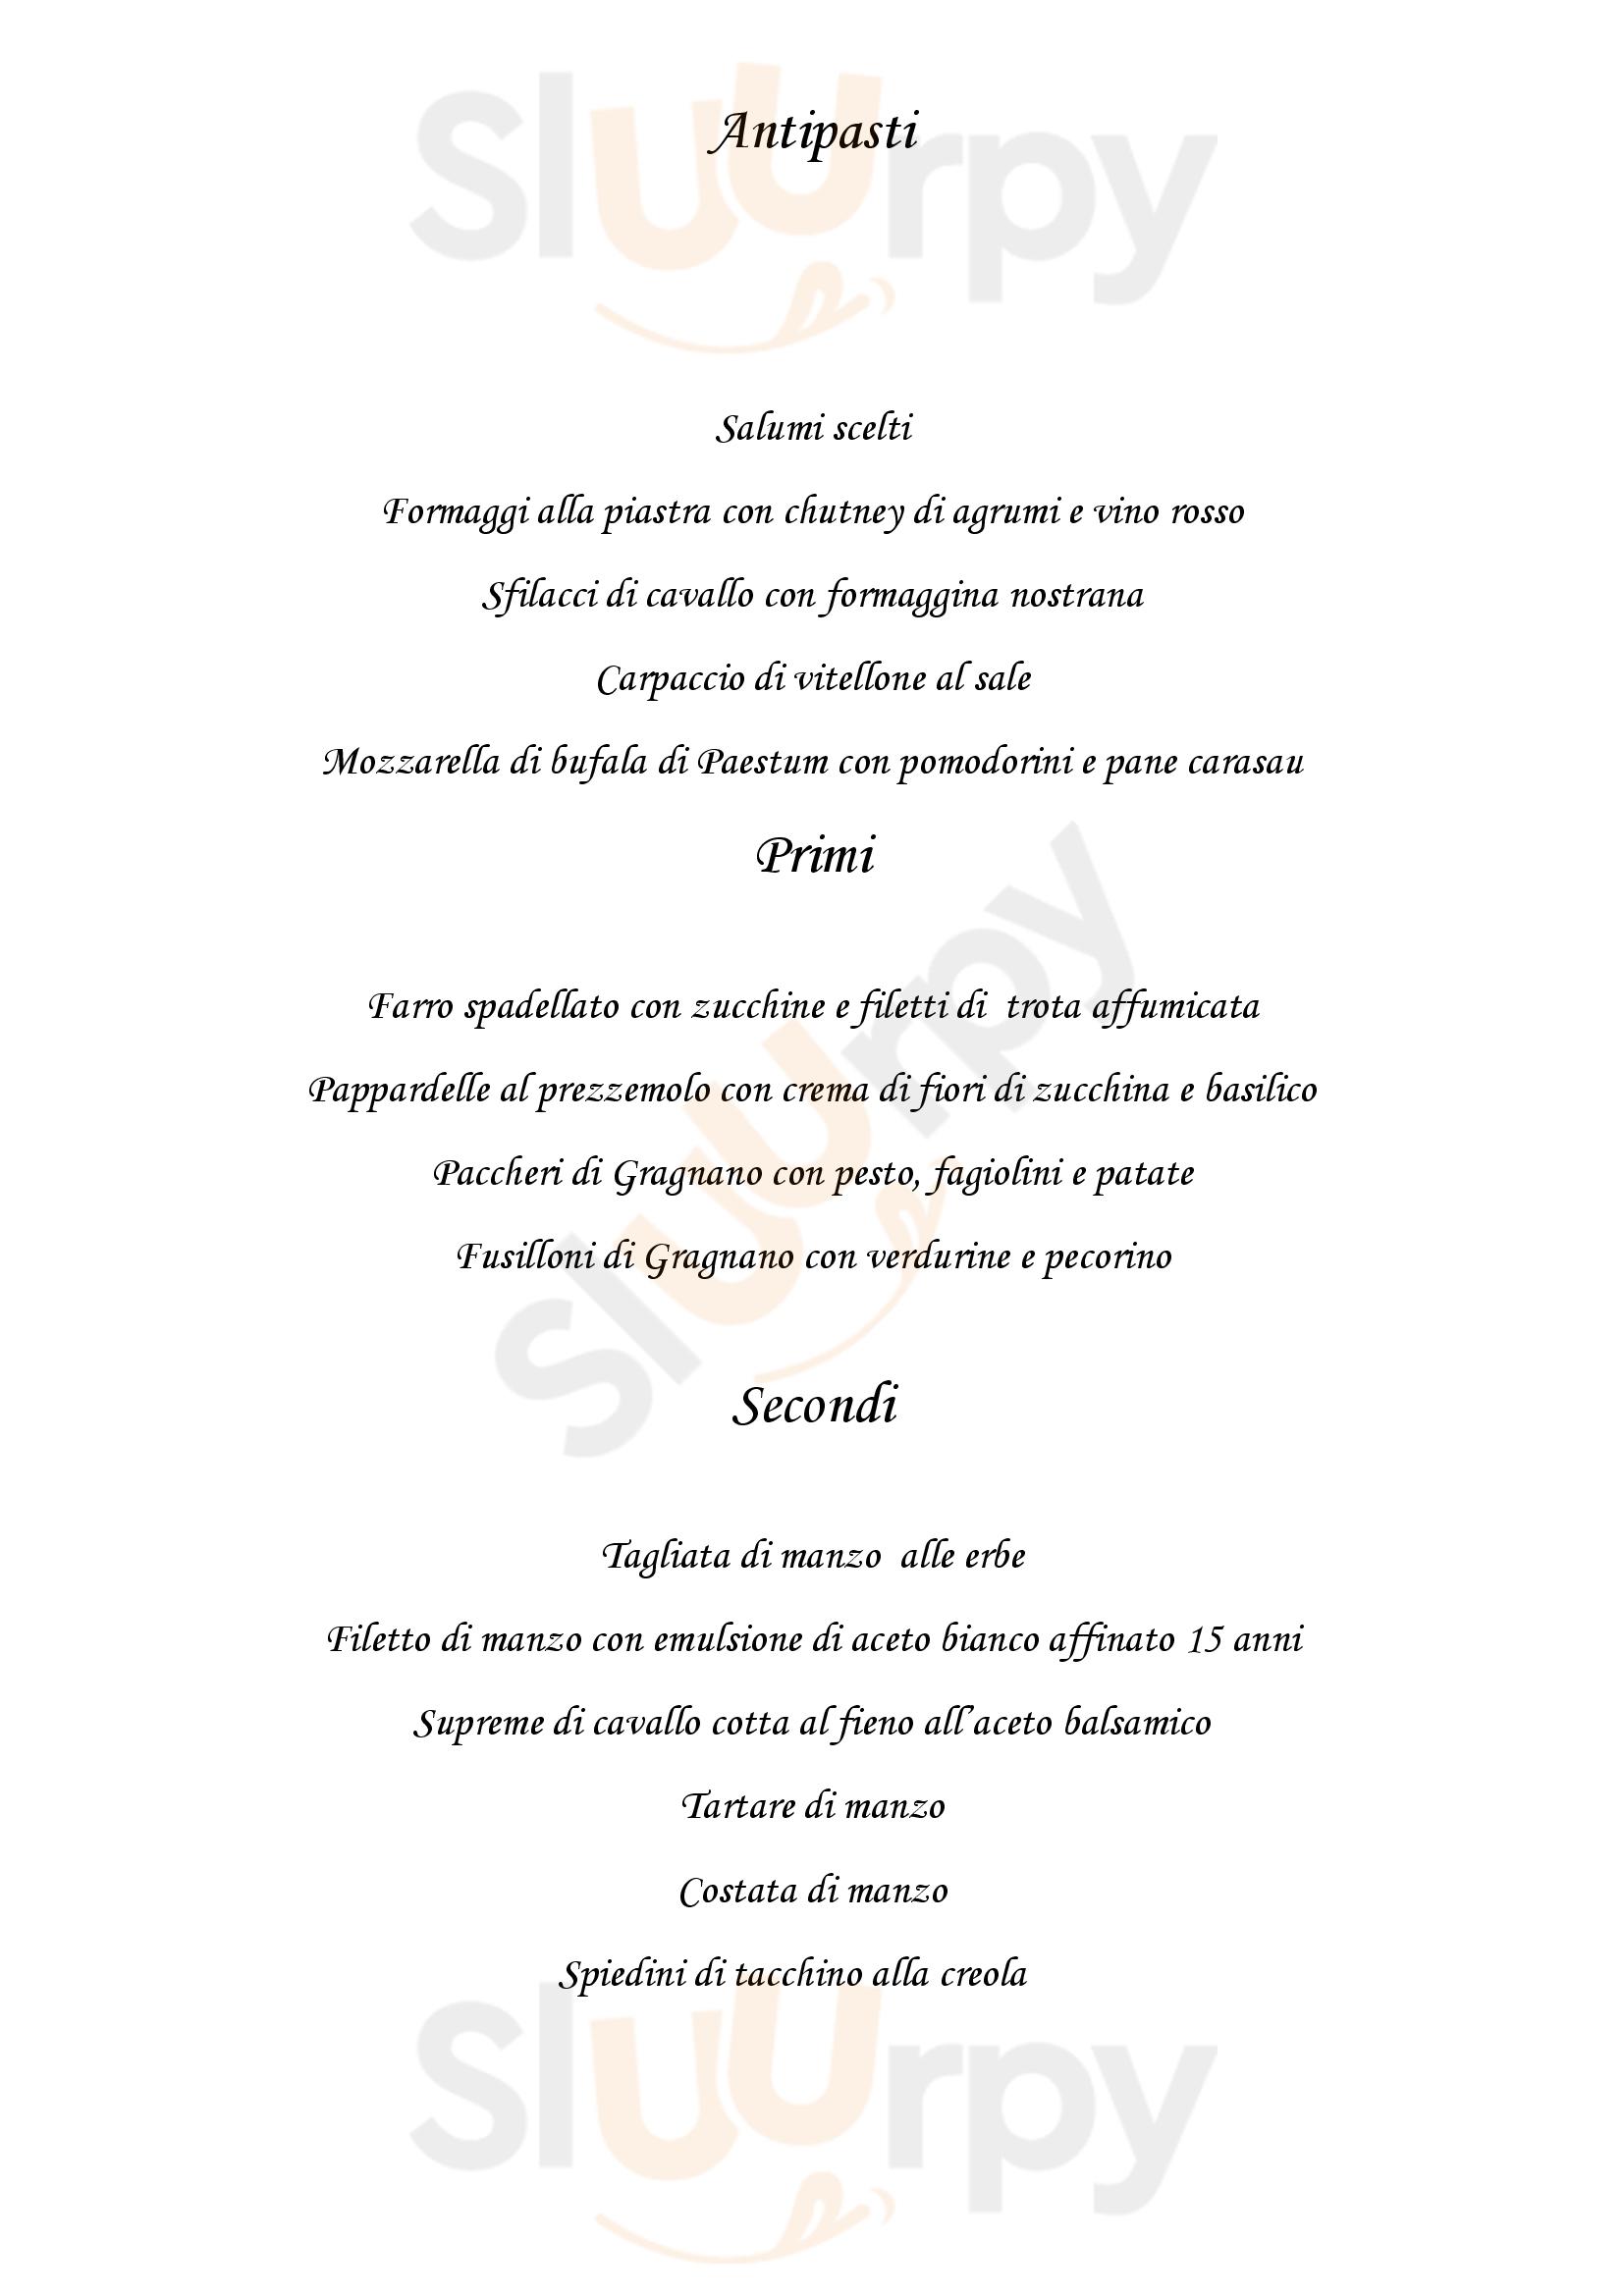 Osteria Vecchia Capronno Angera menù 1 pagina